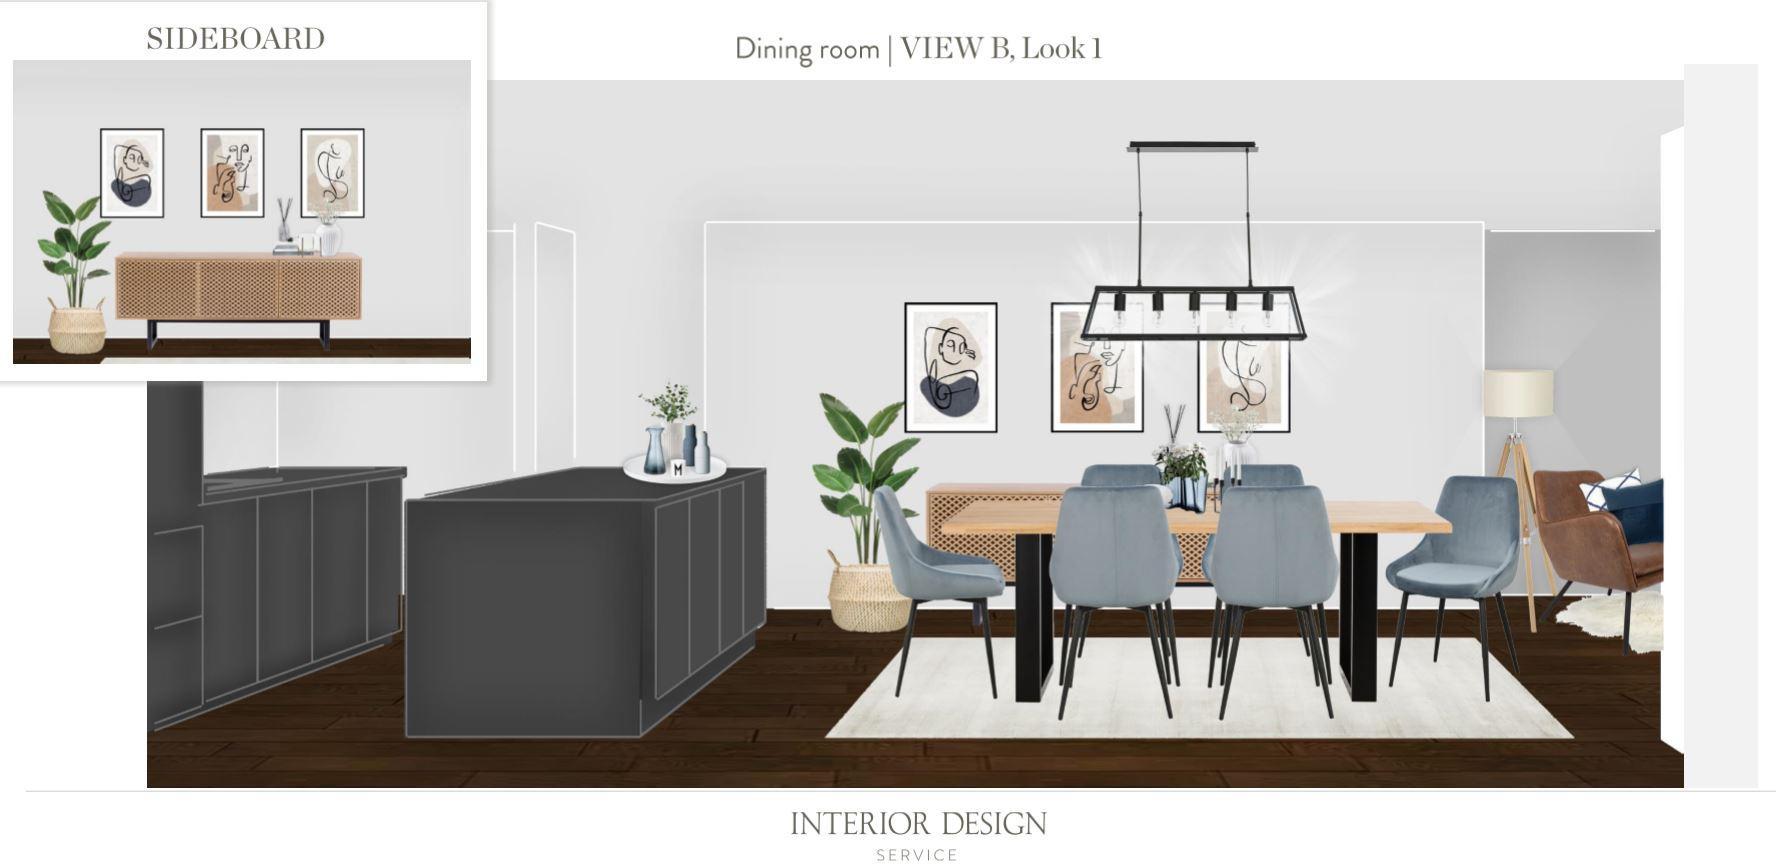 Neue Wohnung einrichten Essbereich Entwurf 1 andere Zimmerseite